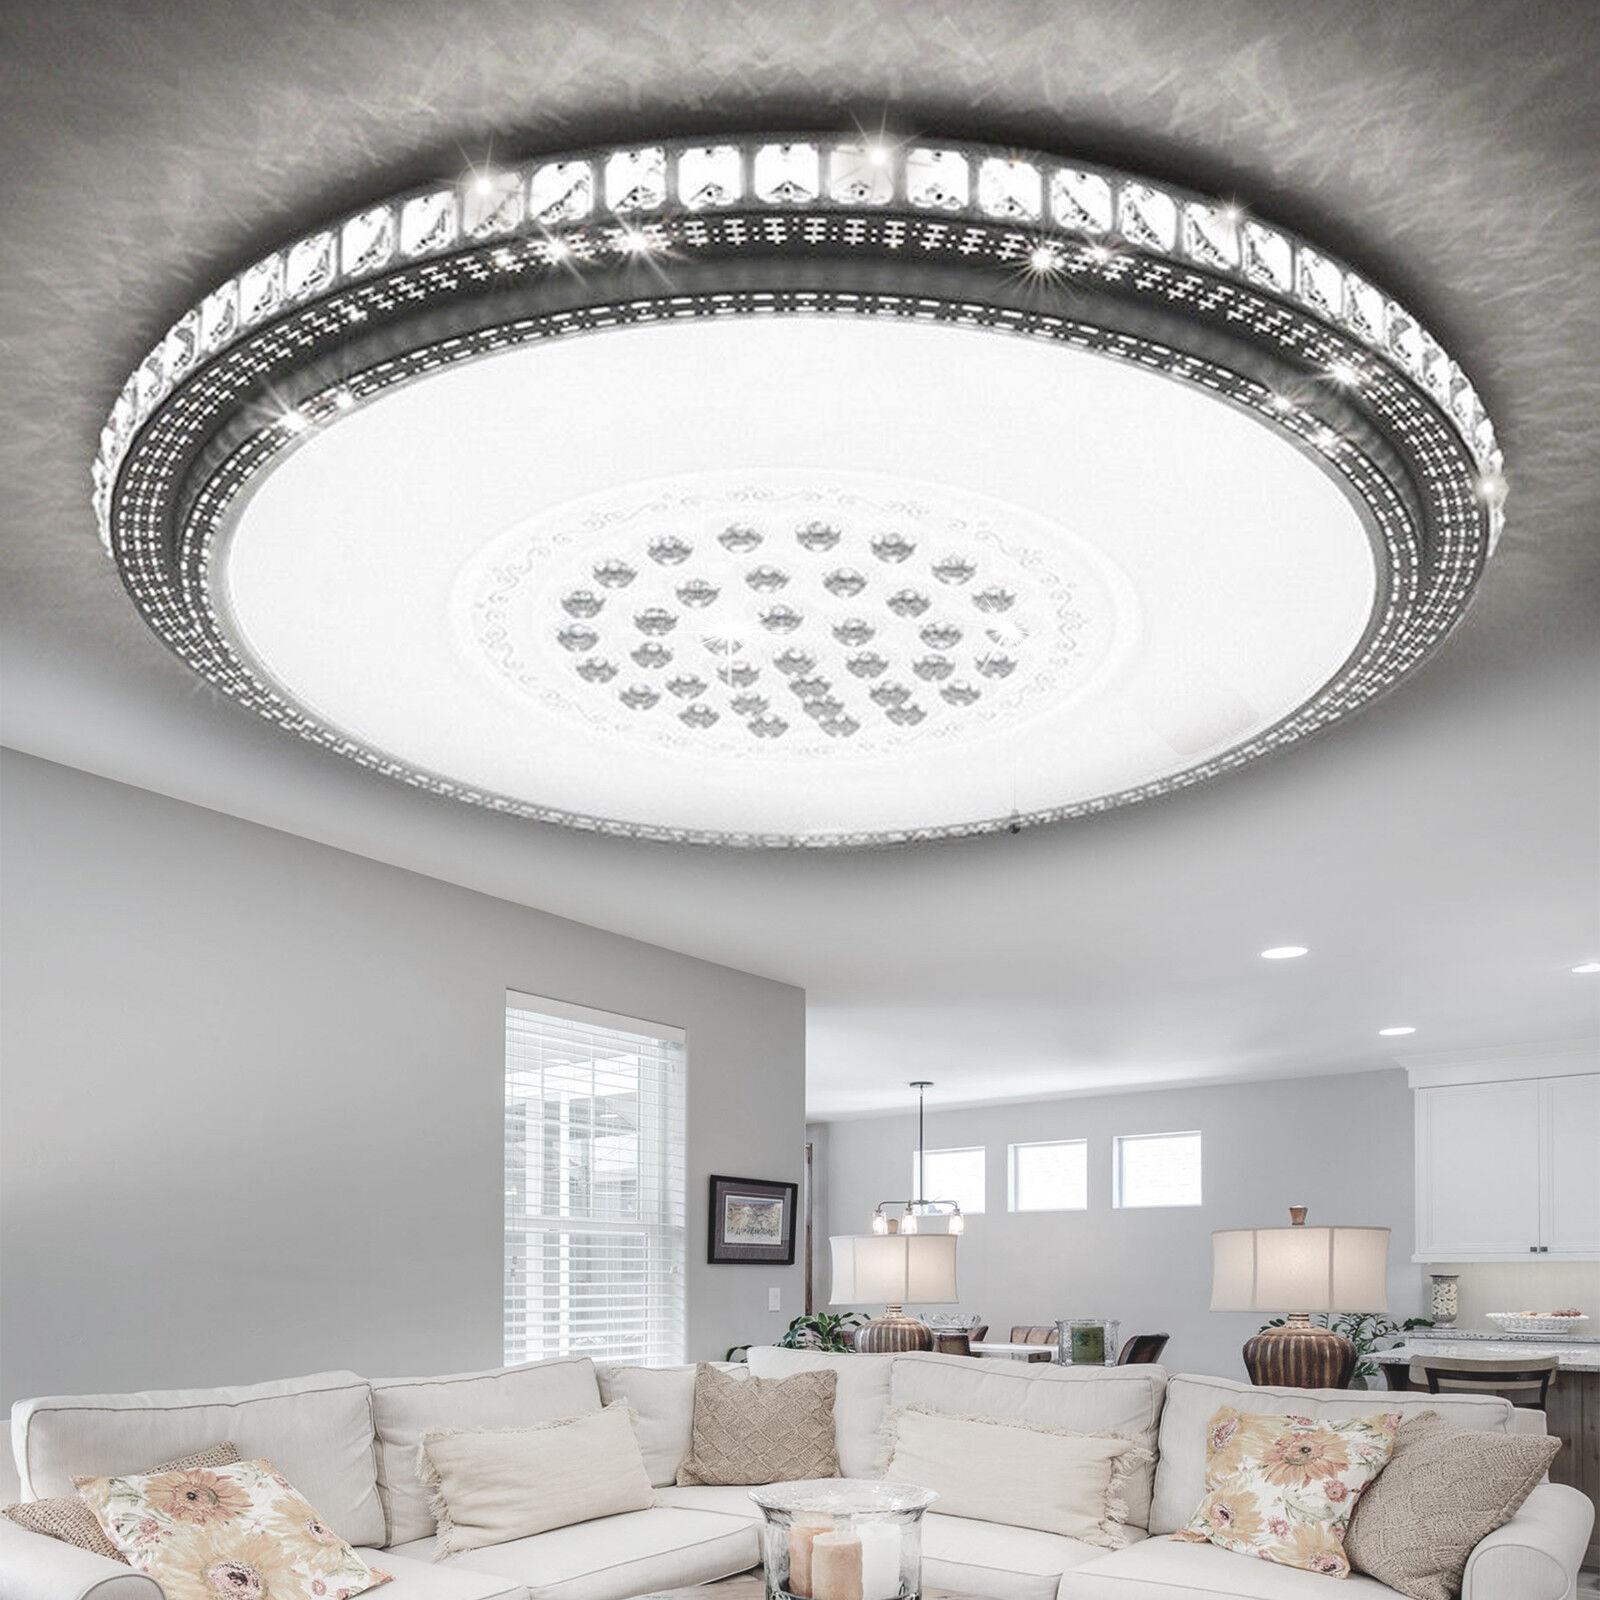 Modern 9W LED Deckenleuchte Deckenlampe Wohnzimmer Lampe